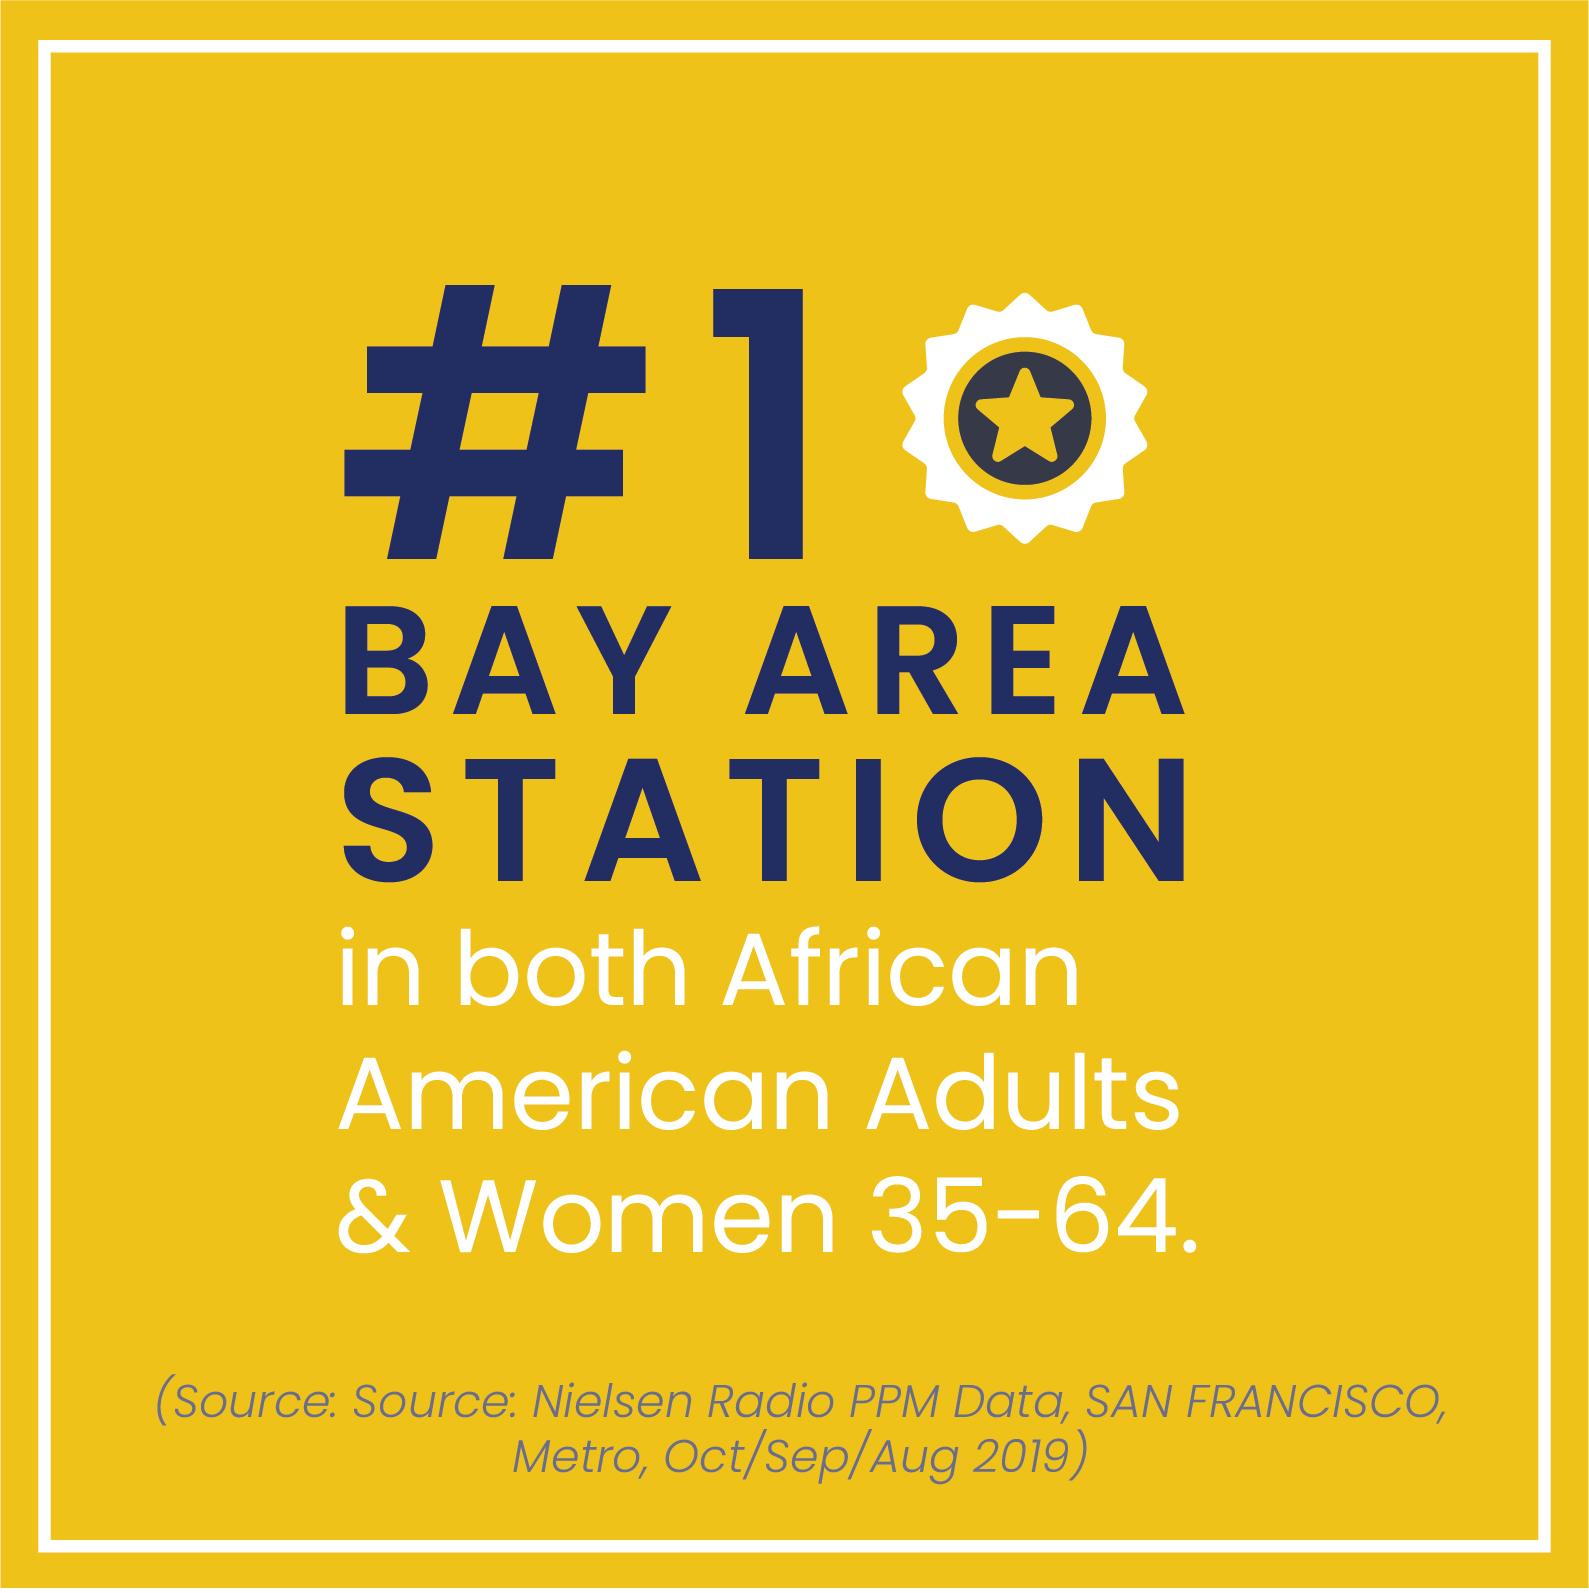 KBLX number 1 bay area radio station